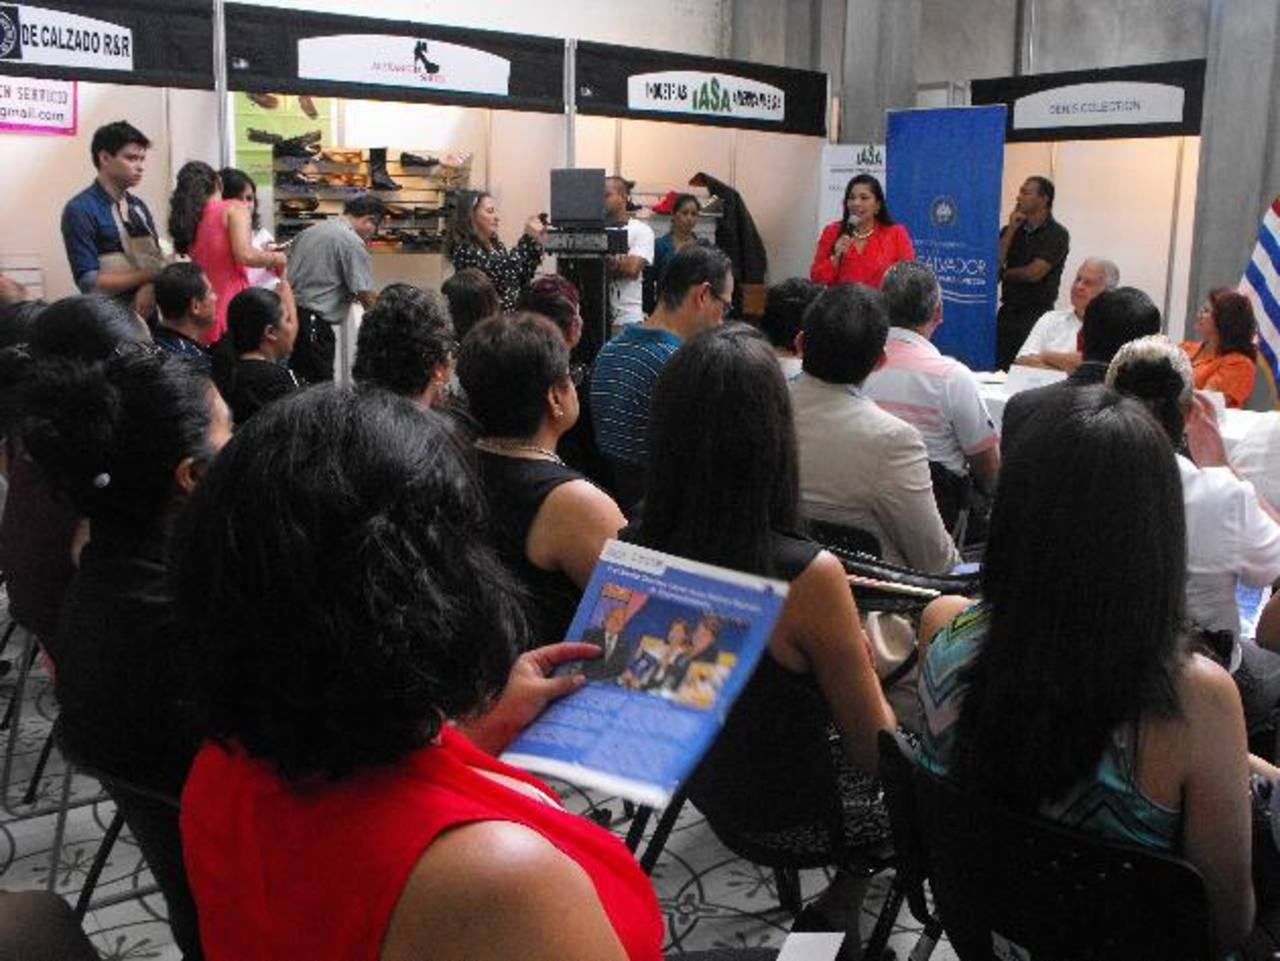 Cientos de personas, de diferentes partes del país, llegaron a la feria para conocer el trabajo del calzado en la Ciudad Morena.